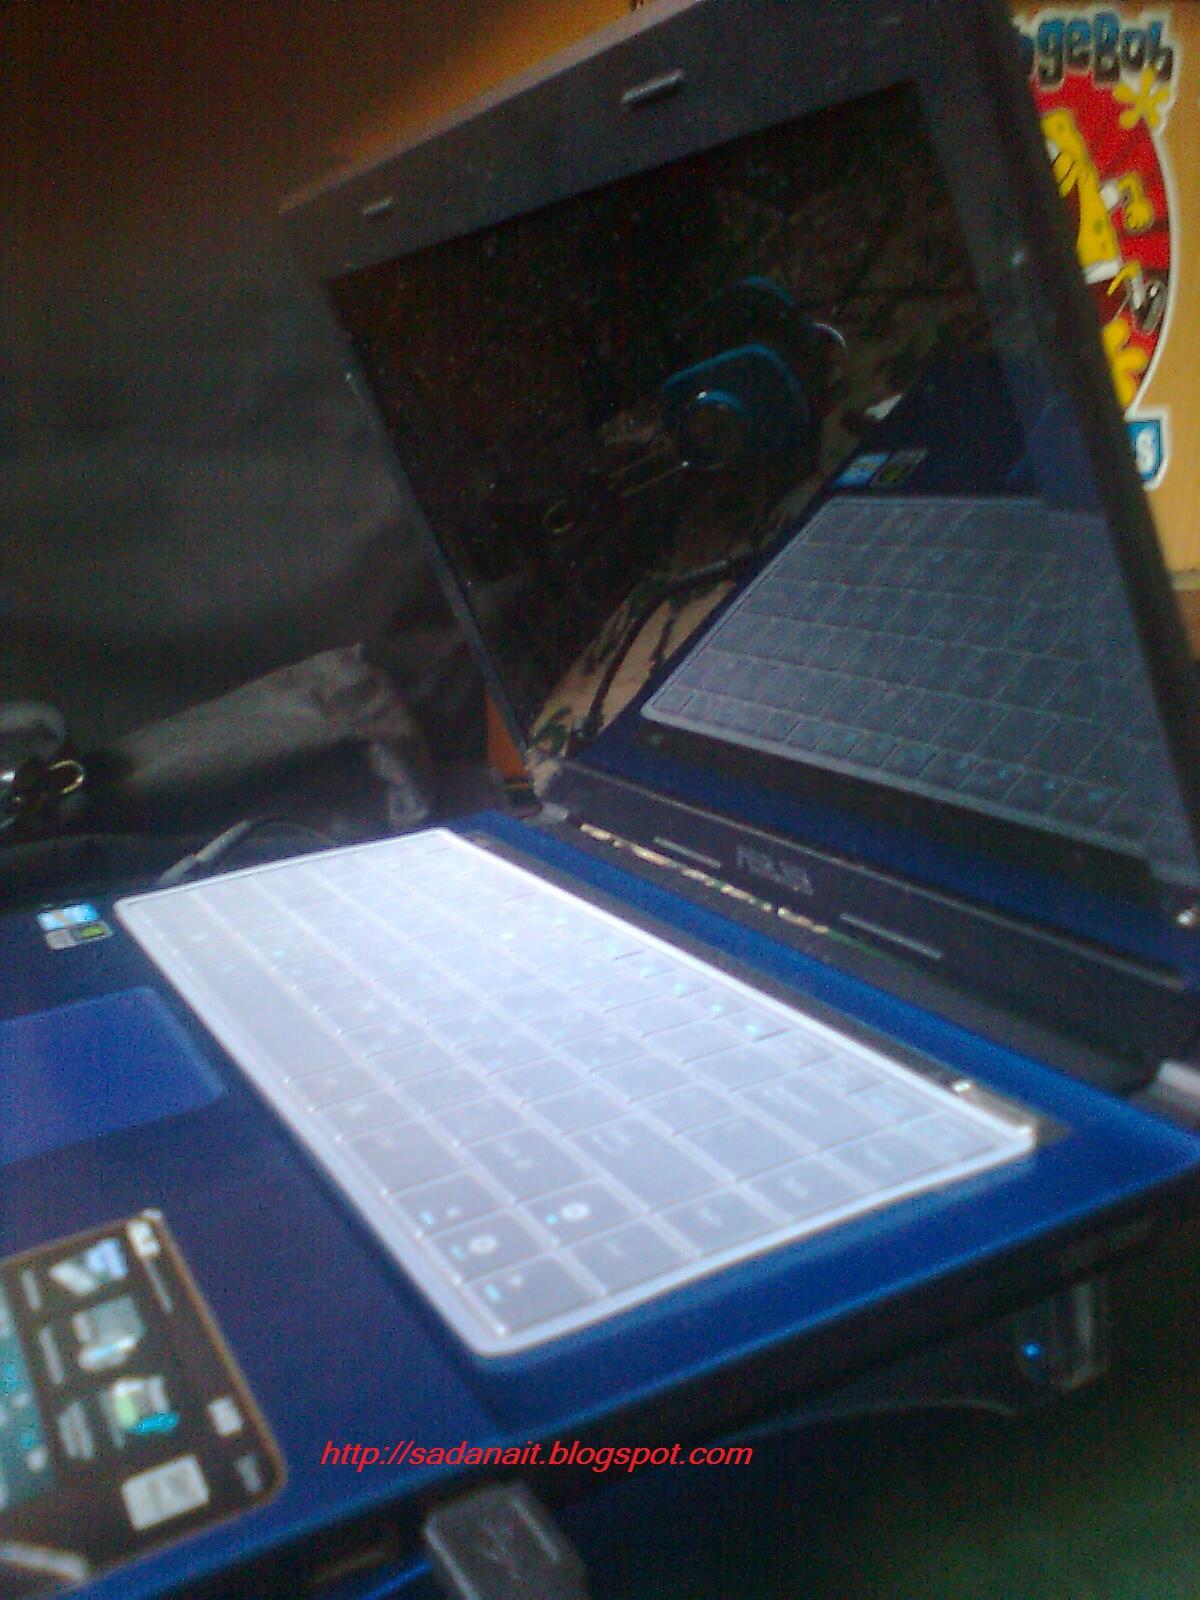 oke sobat saya akan menjelaskan bagaimana cara merawat notebook netbook agar bersih dari debu kotoran serta juga menjaga agar laptop tidak cepat rusak ala